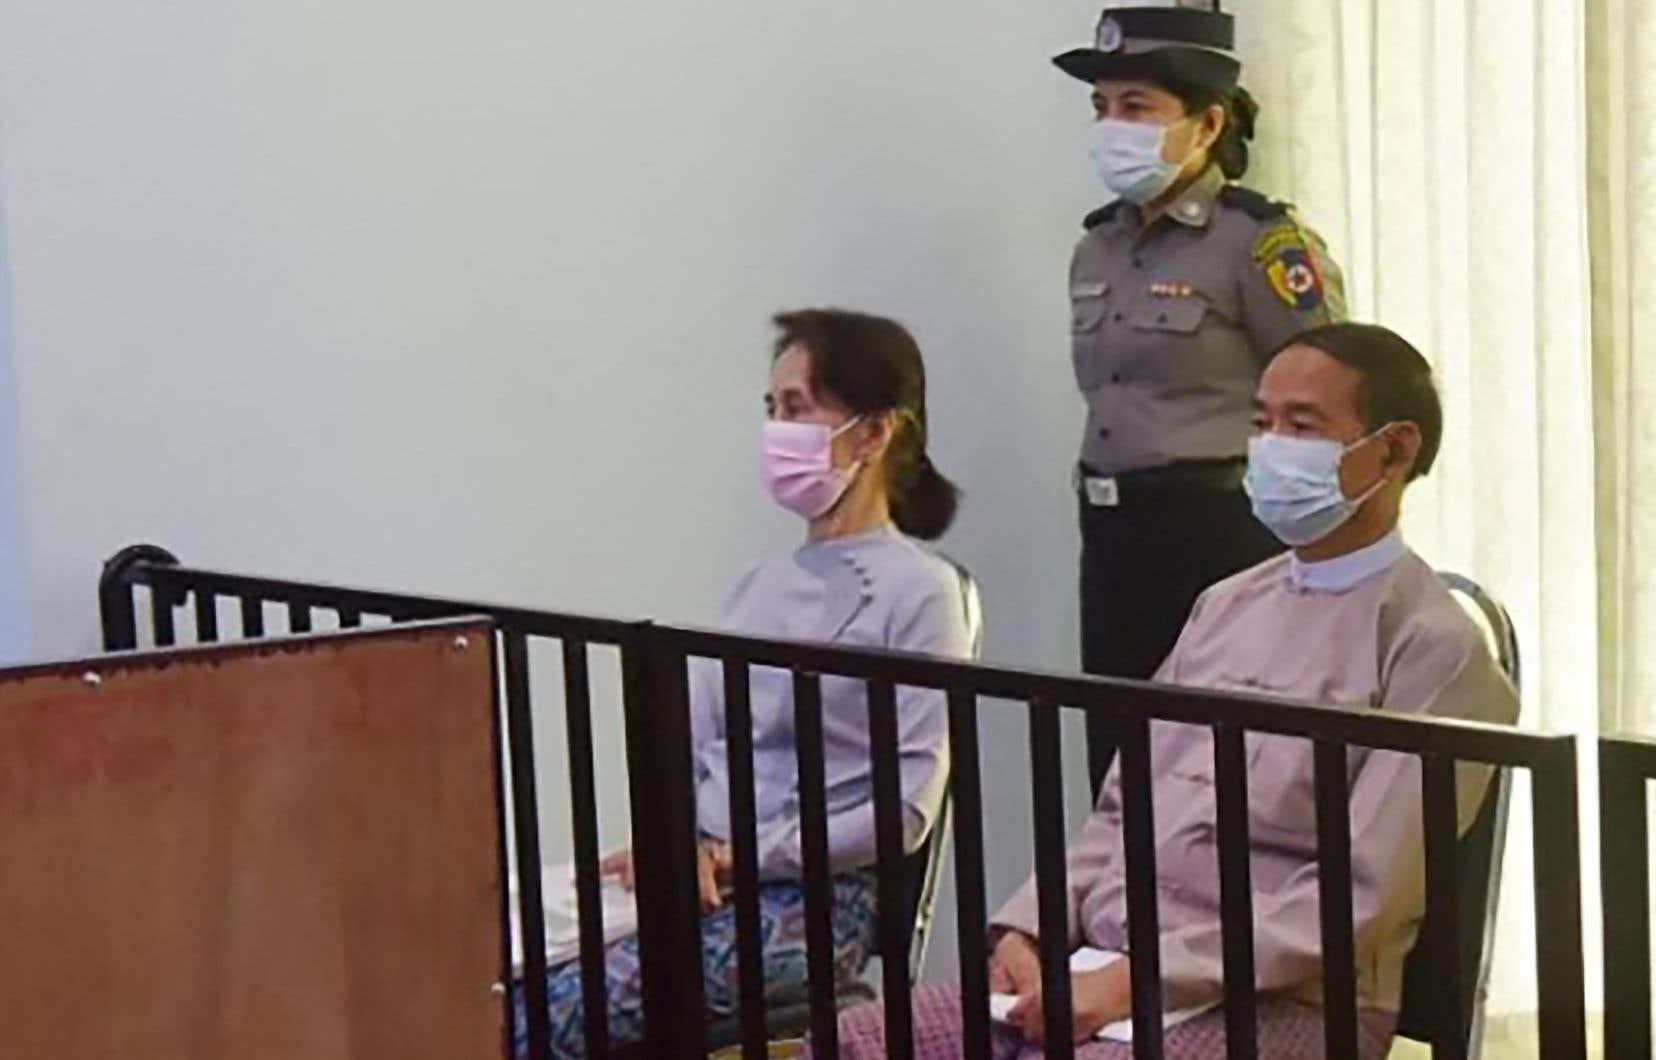 Aung San Suu Kyi et Win Myint, lors d'une comparution devant un tribunal de Naypyidaw, le 24 mai 2021